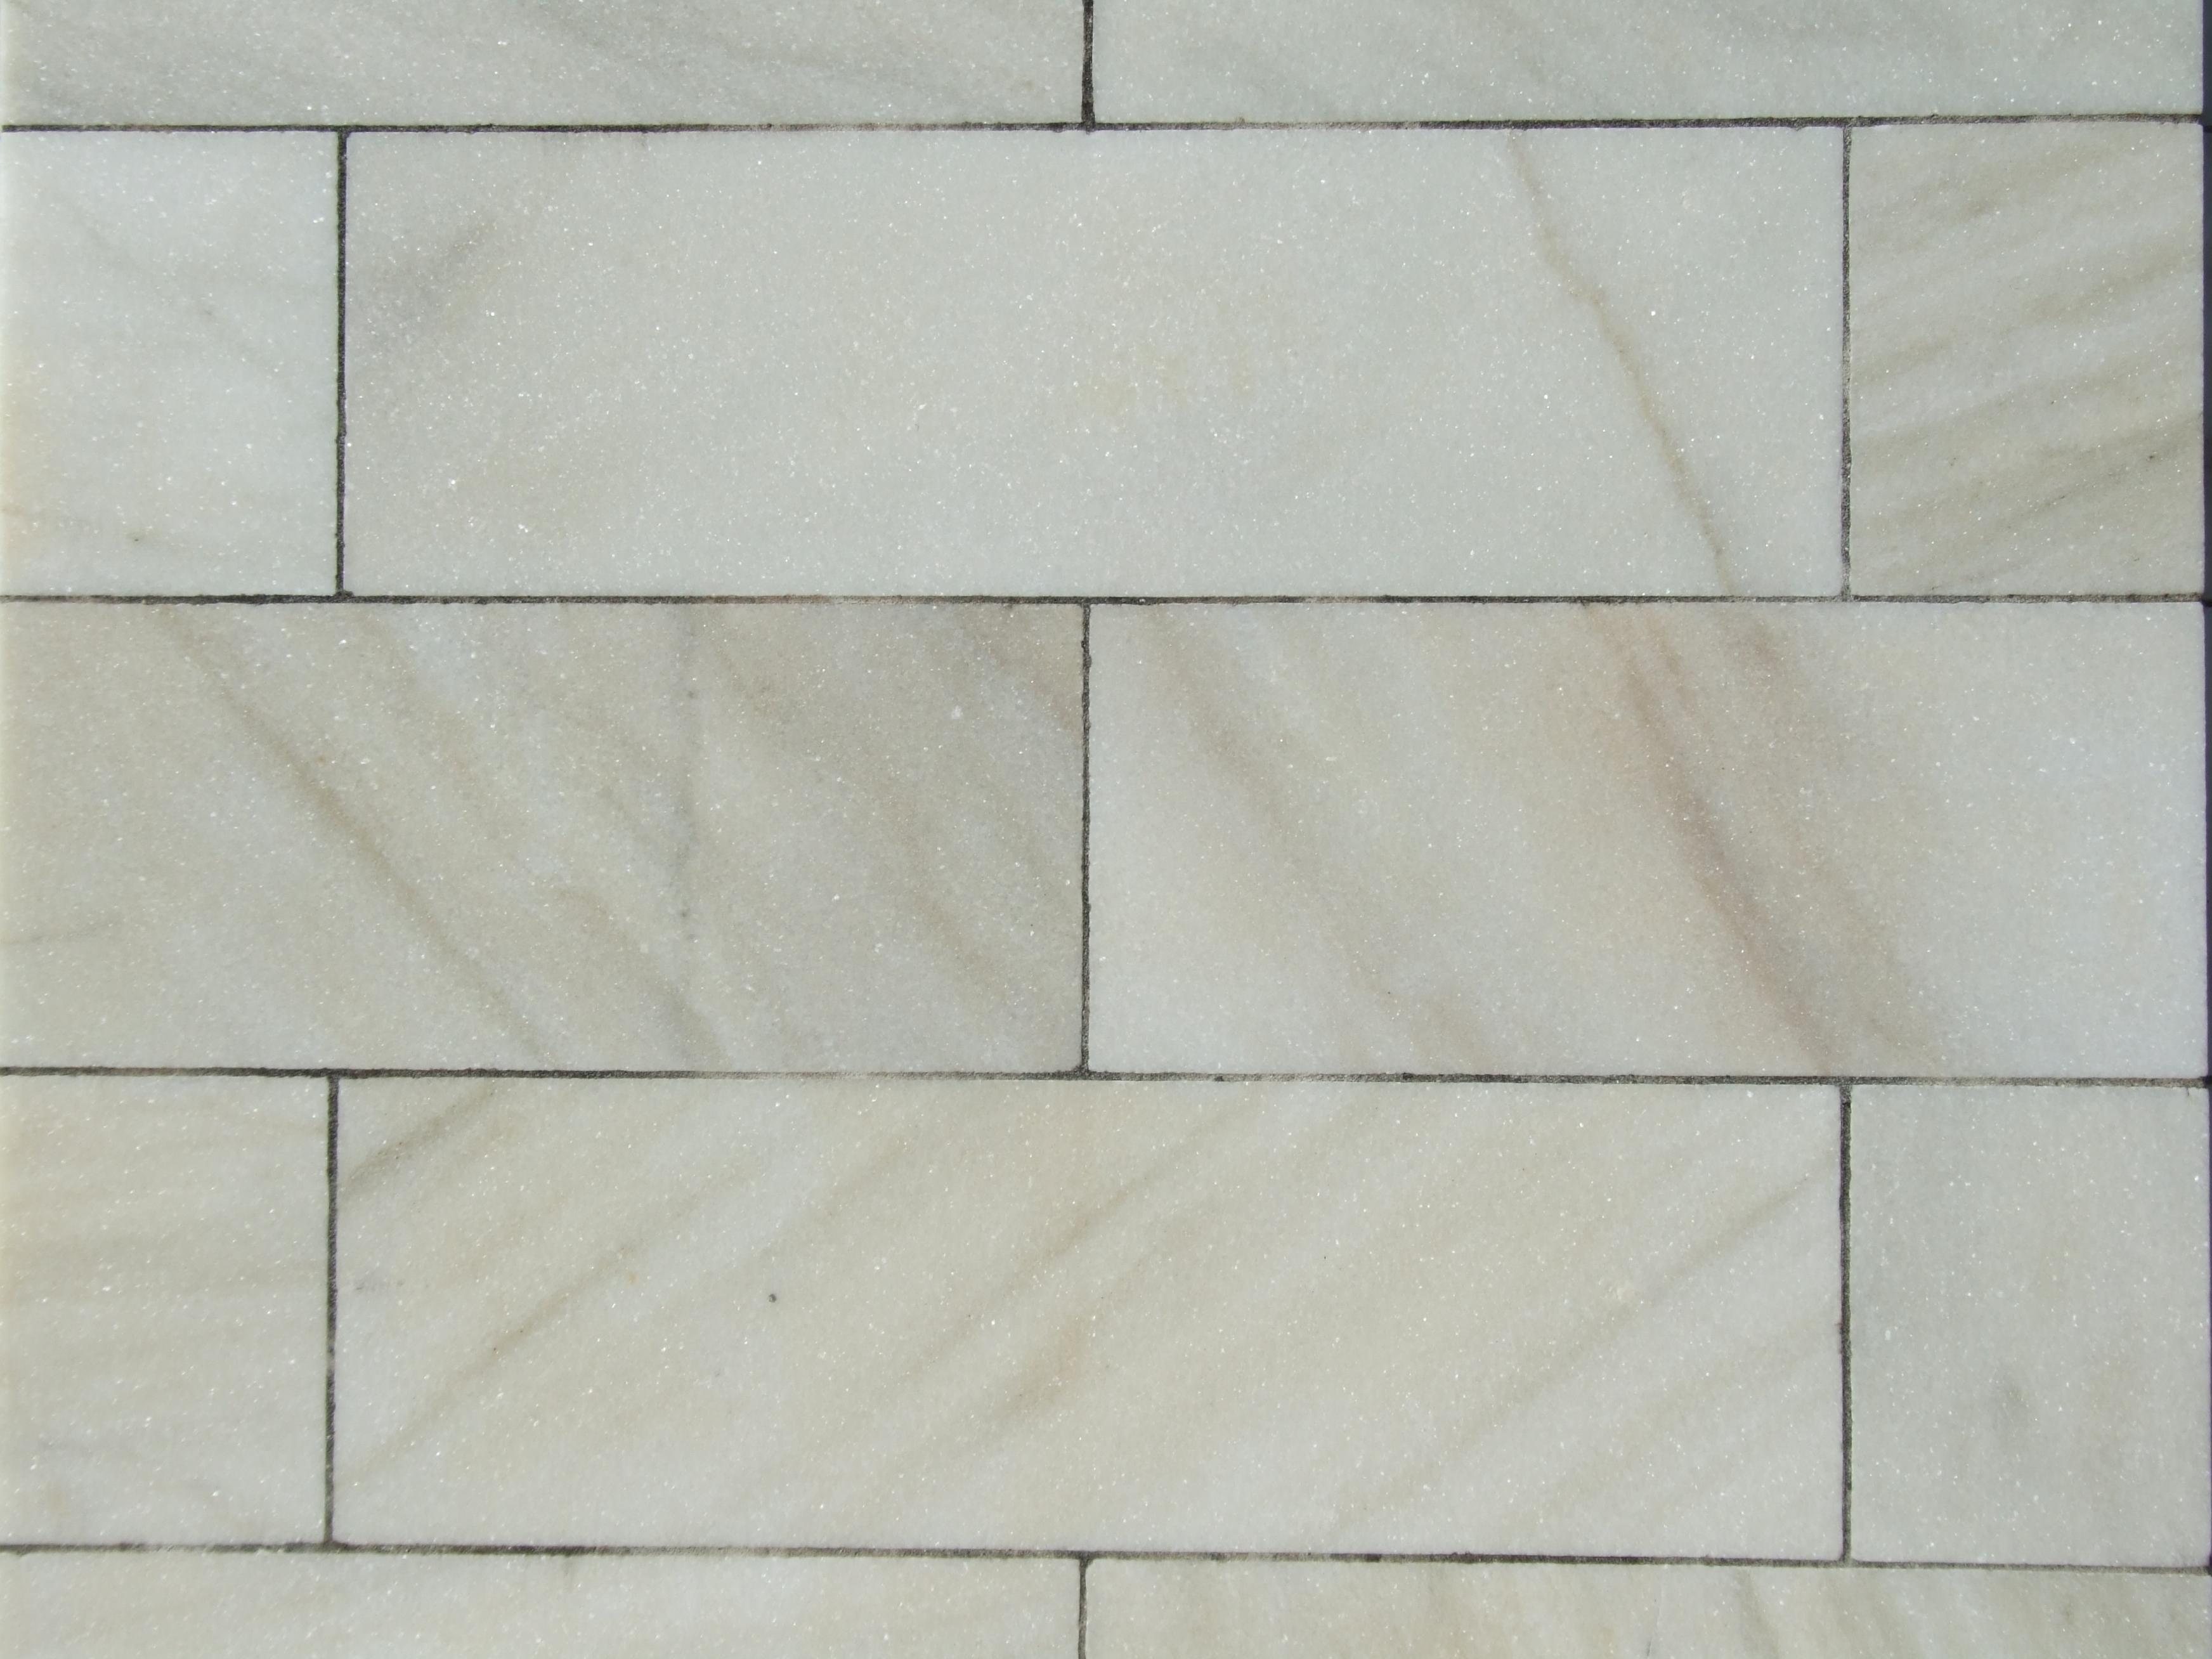 Marble Tile Patterns - Home Design